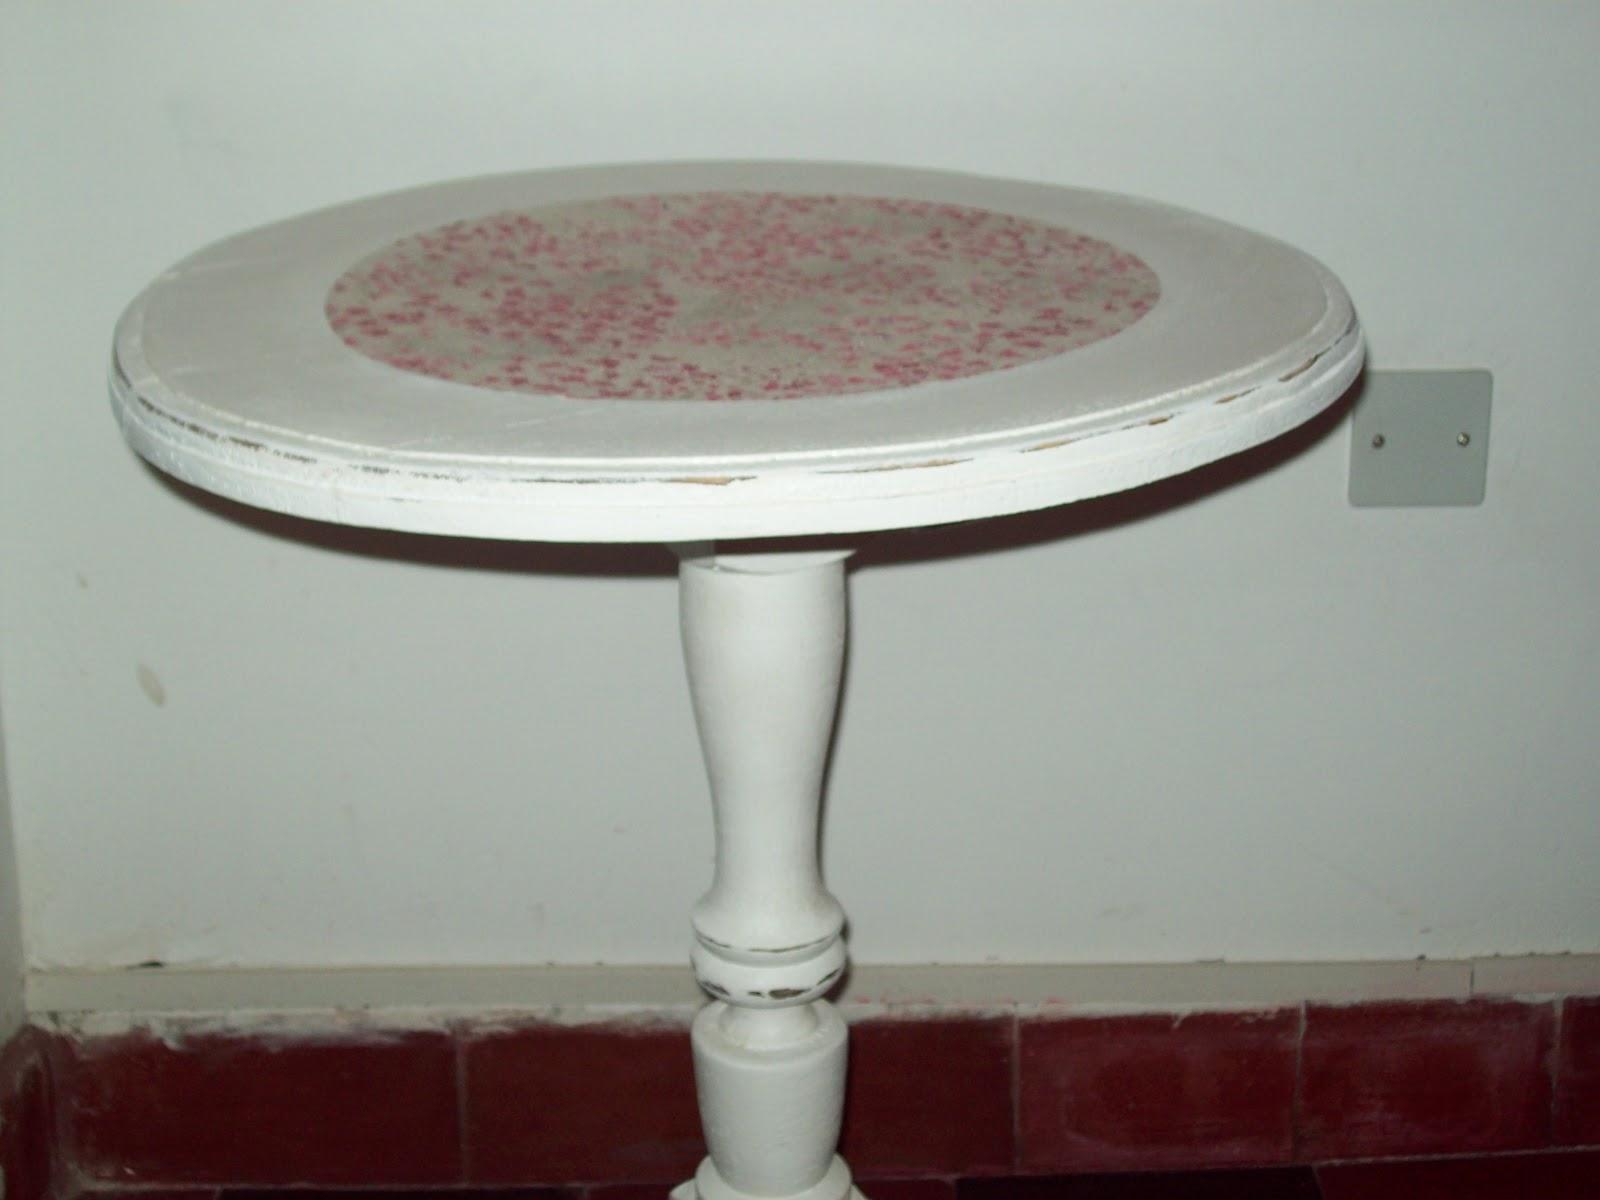 El desvan de la abuela mesa reciclada for Muebles el desvan